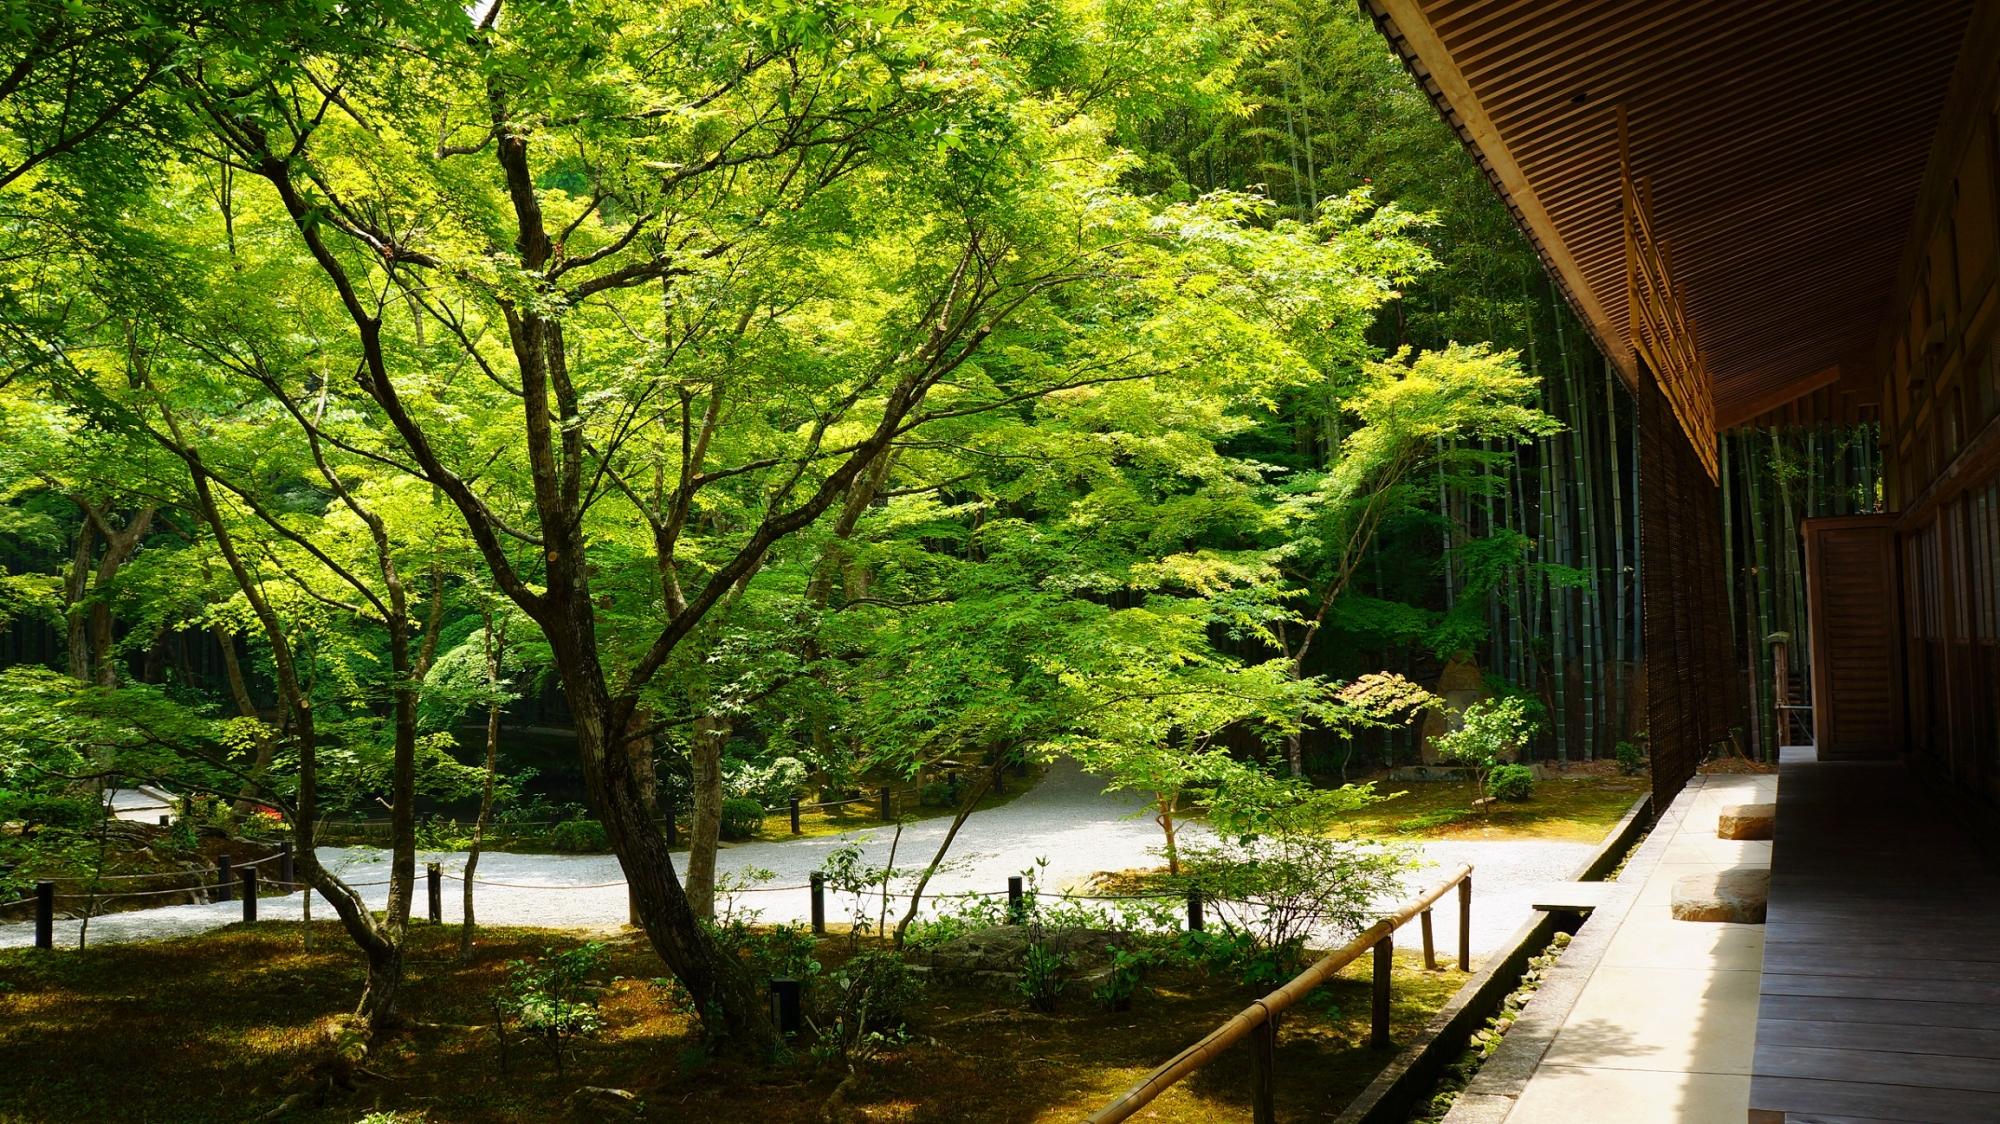 京都圓光寺の十牛之庭と書院と青もみじと新緑